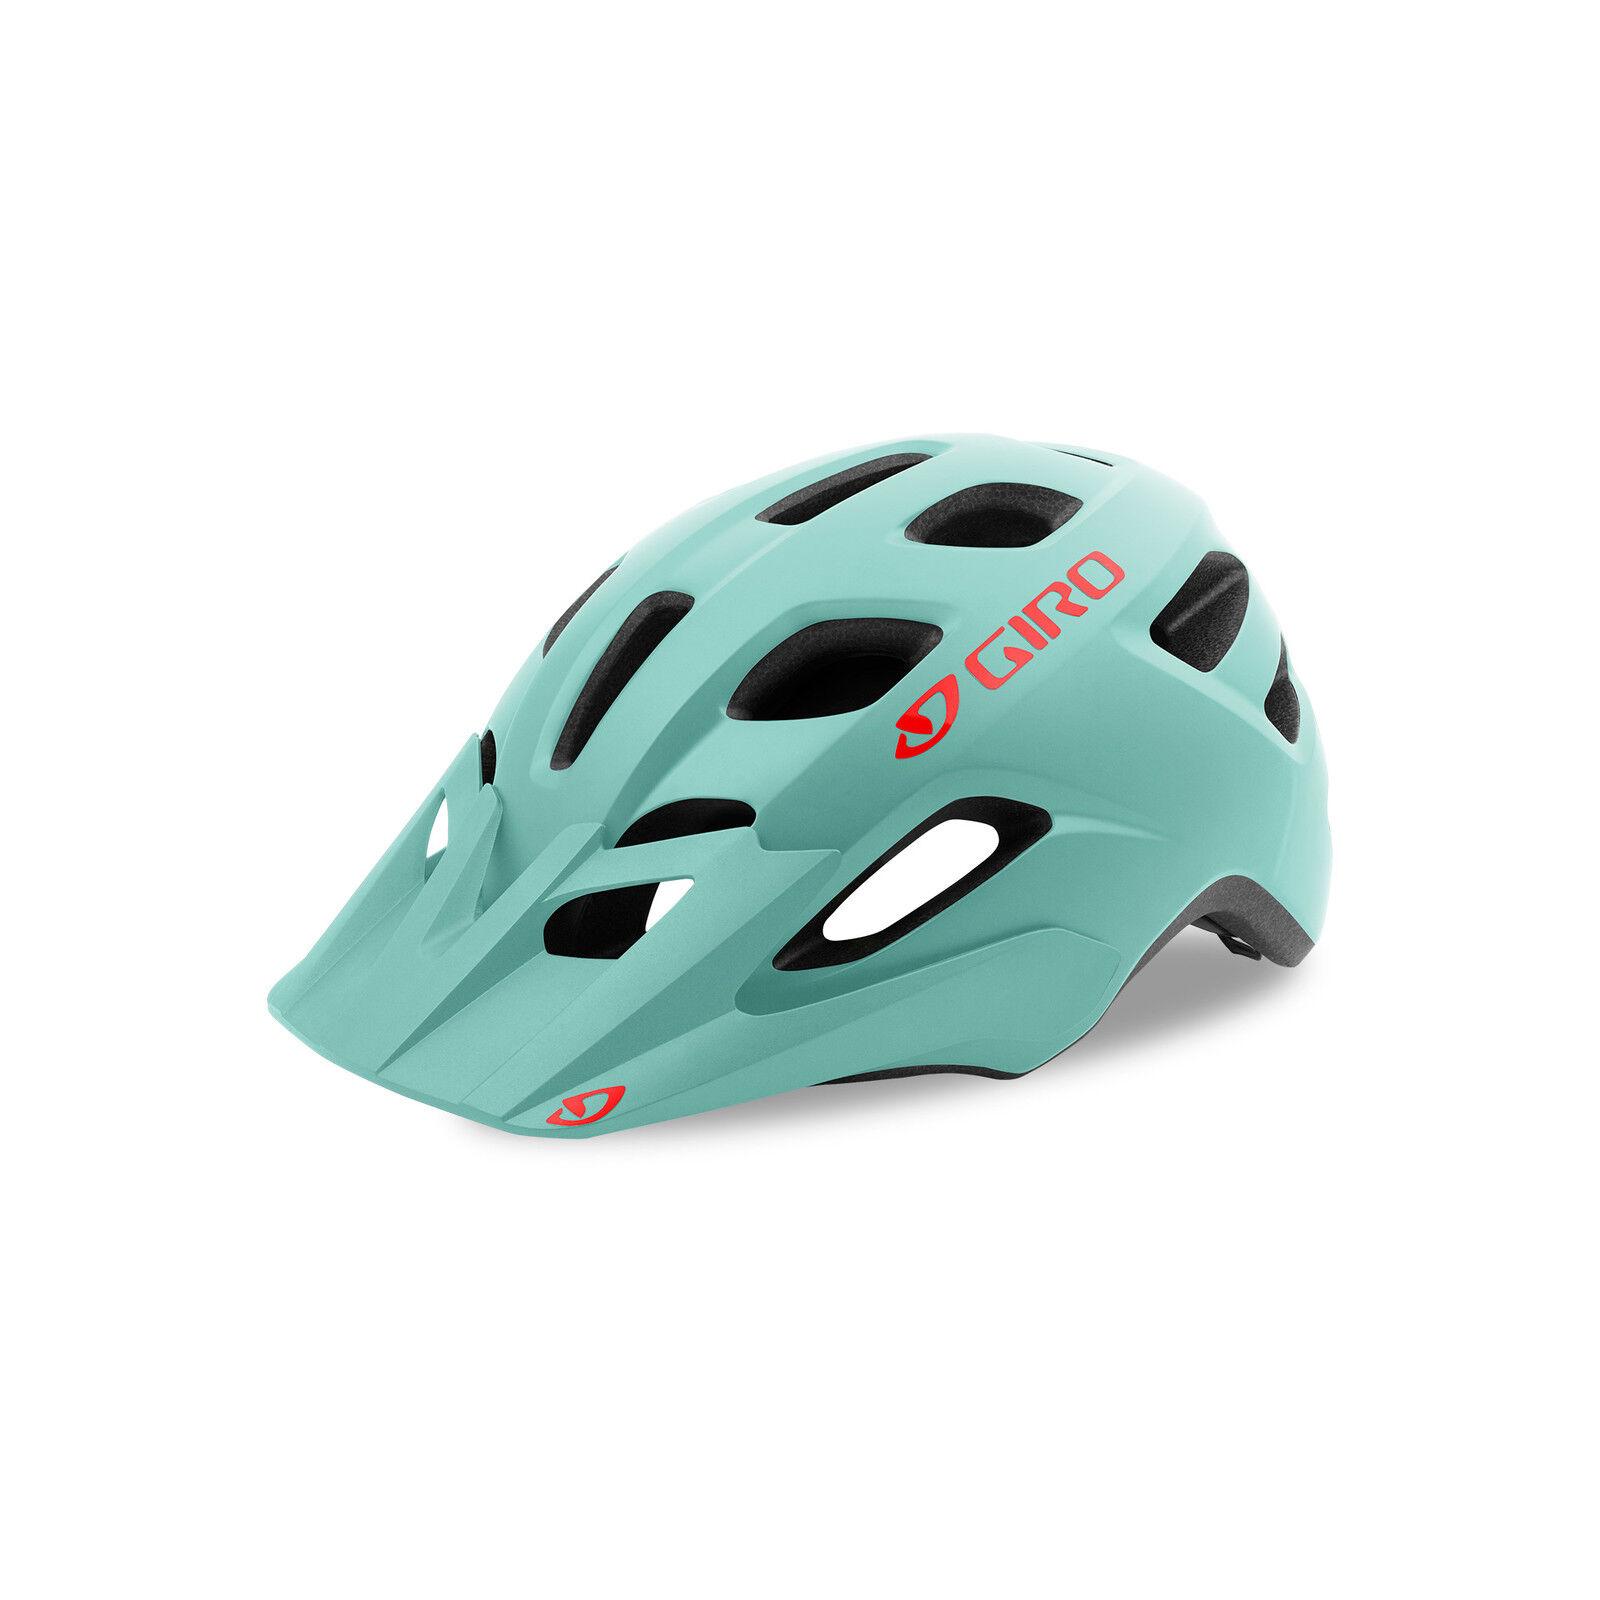 Giro Fixture Fahrrad Helm Gr. 54-61cm frost türkis 2019